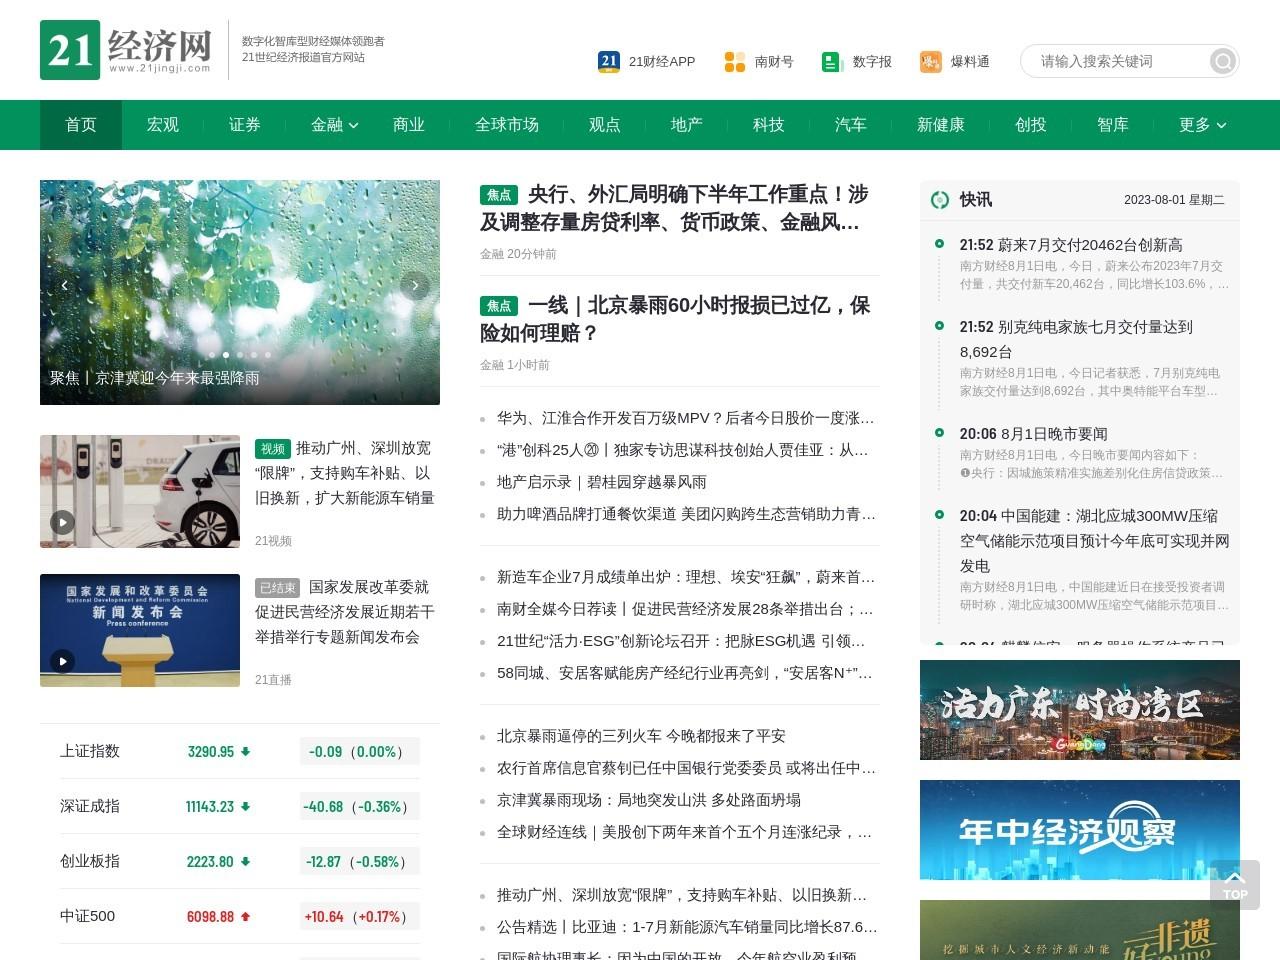 21经济网的网站截图